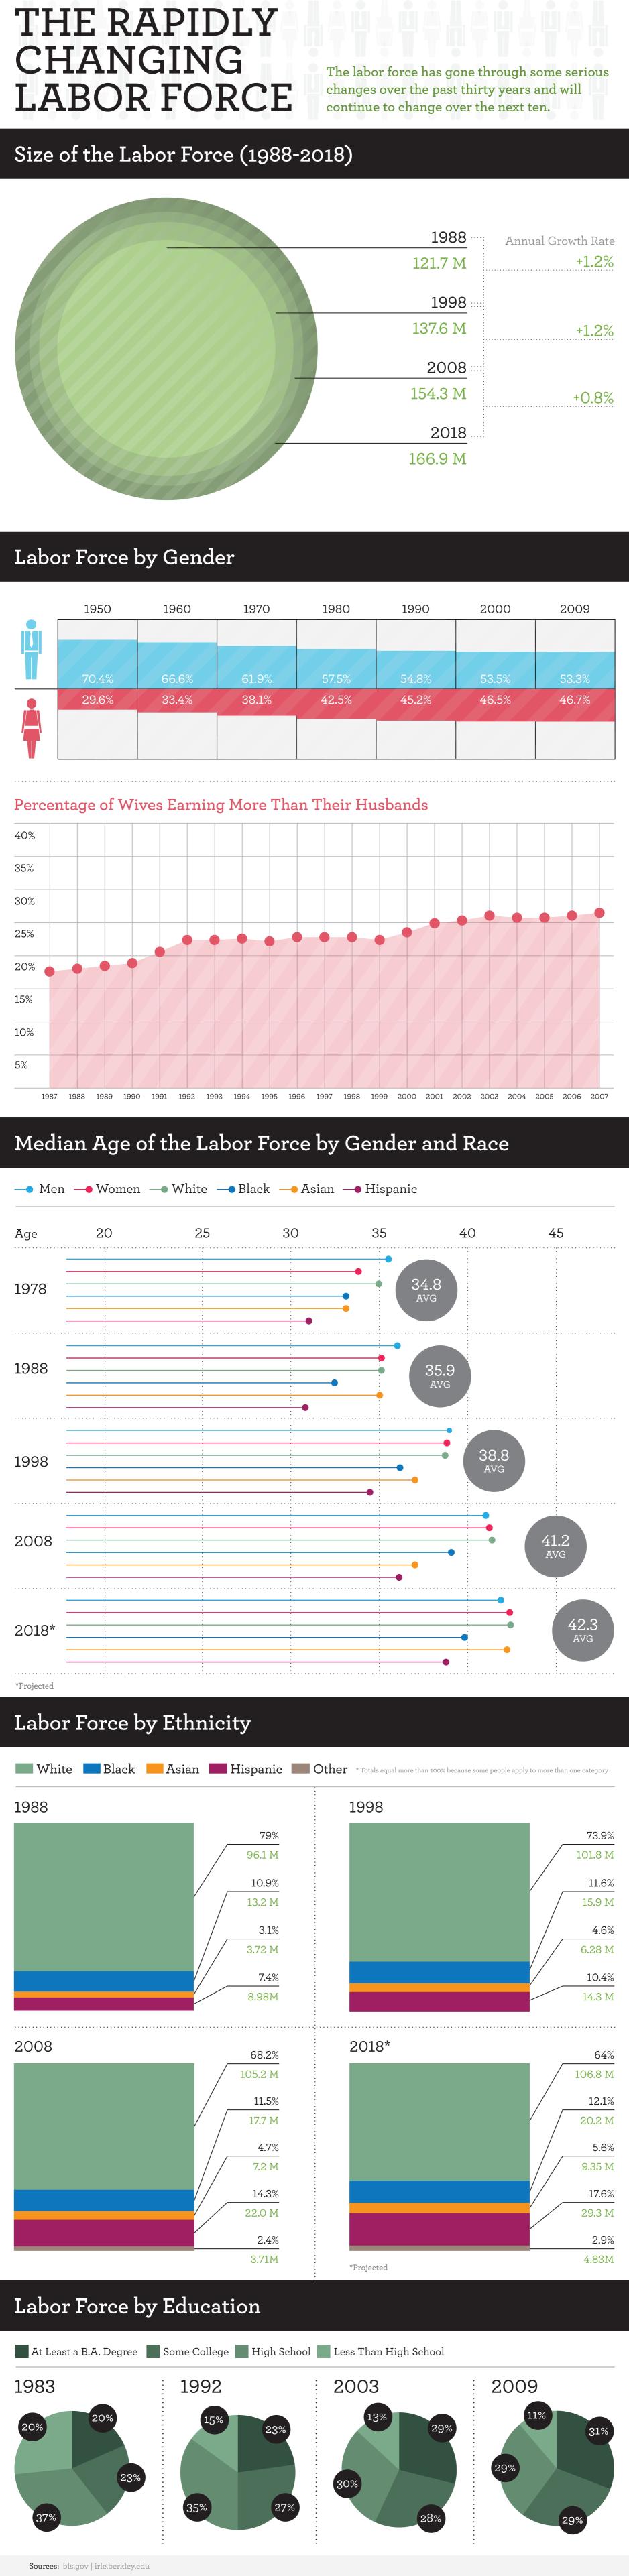 美国劳动力变迁30年